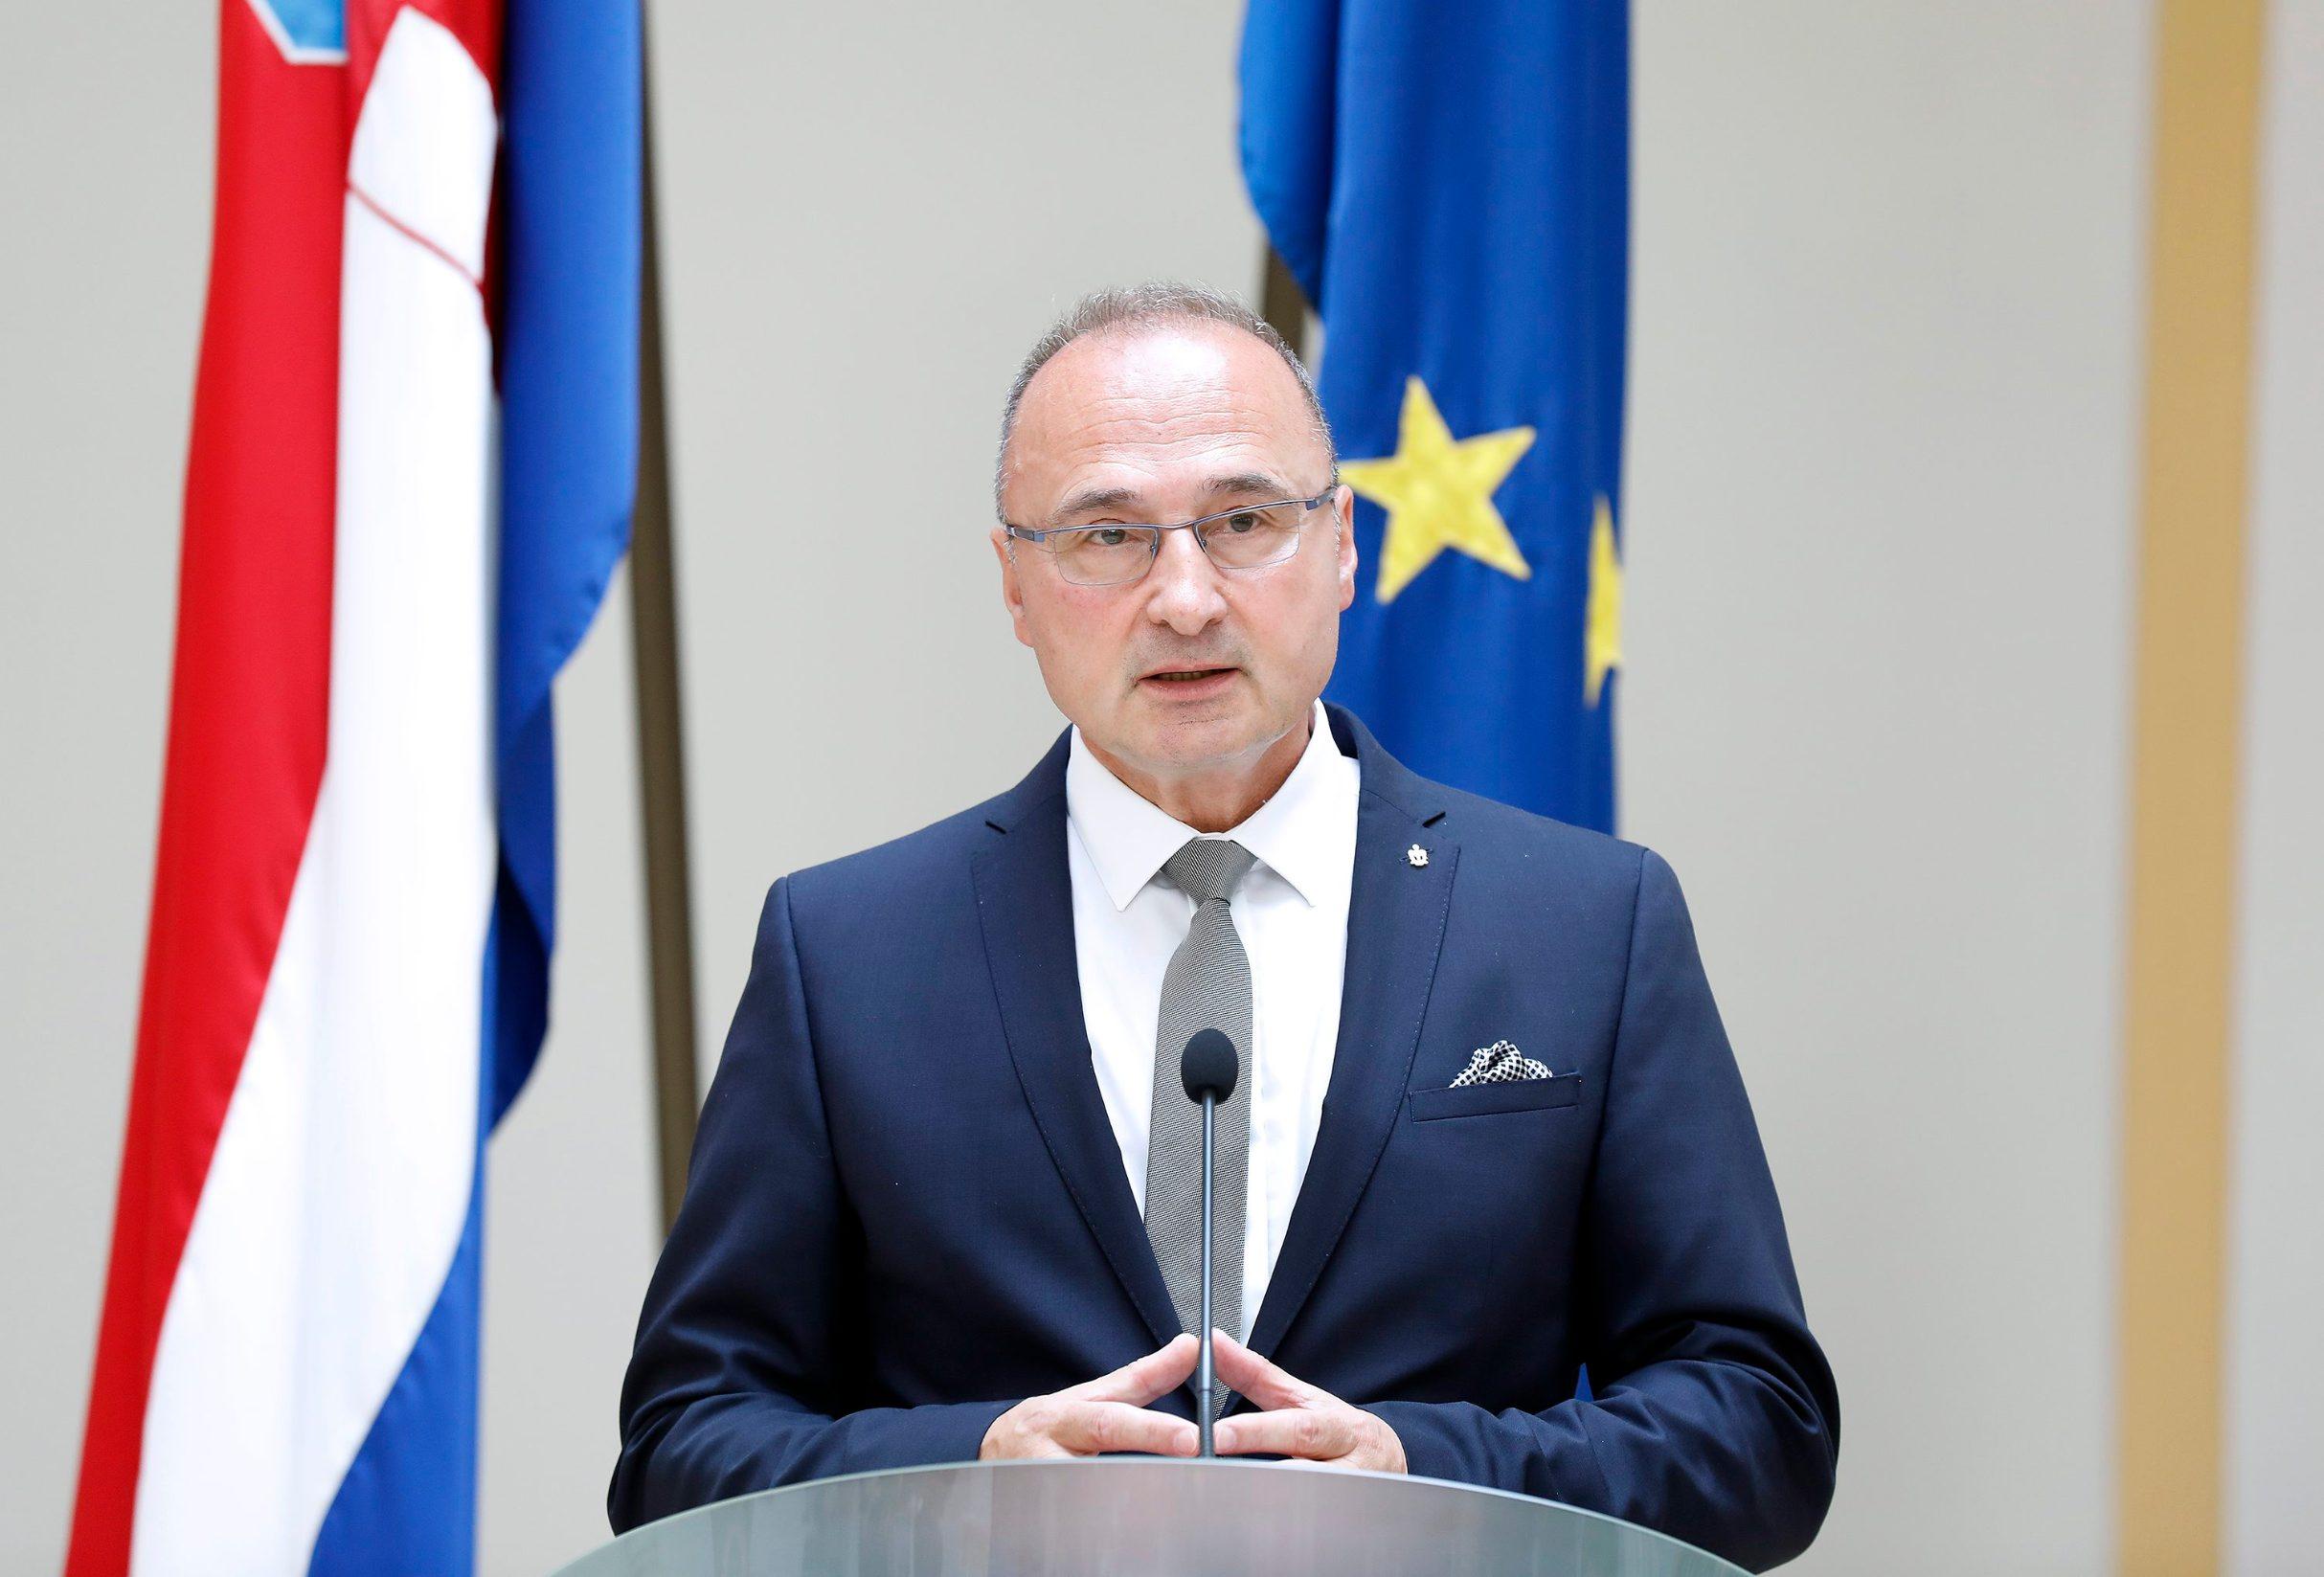 Goran Grlić Radman